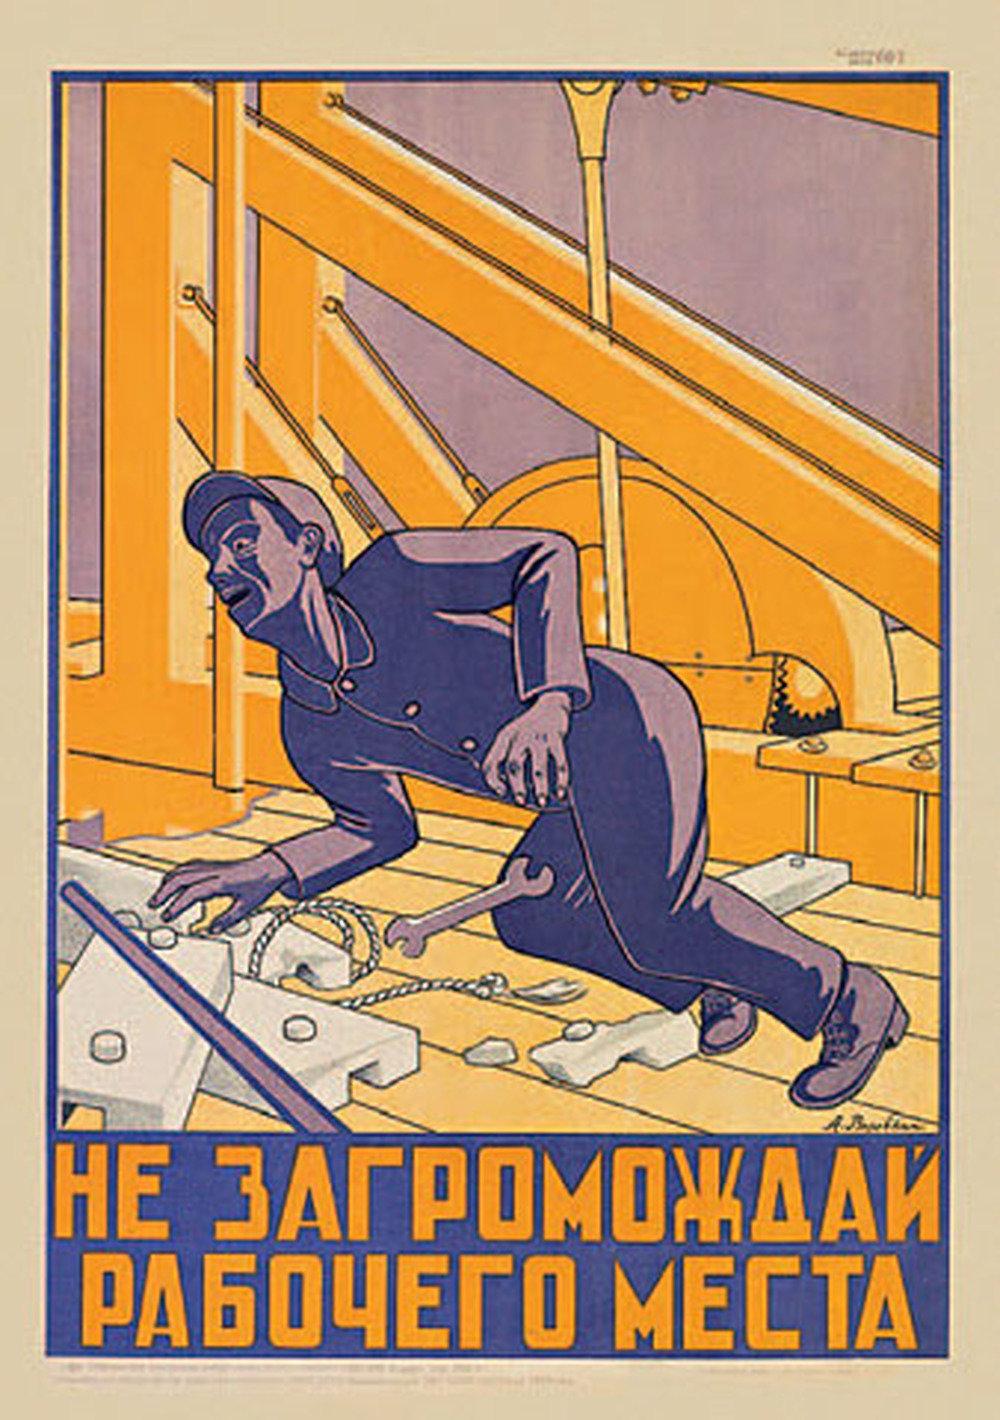 Прикольные картинки на тему работа на заводе, тему